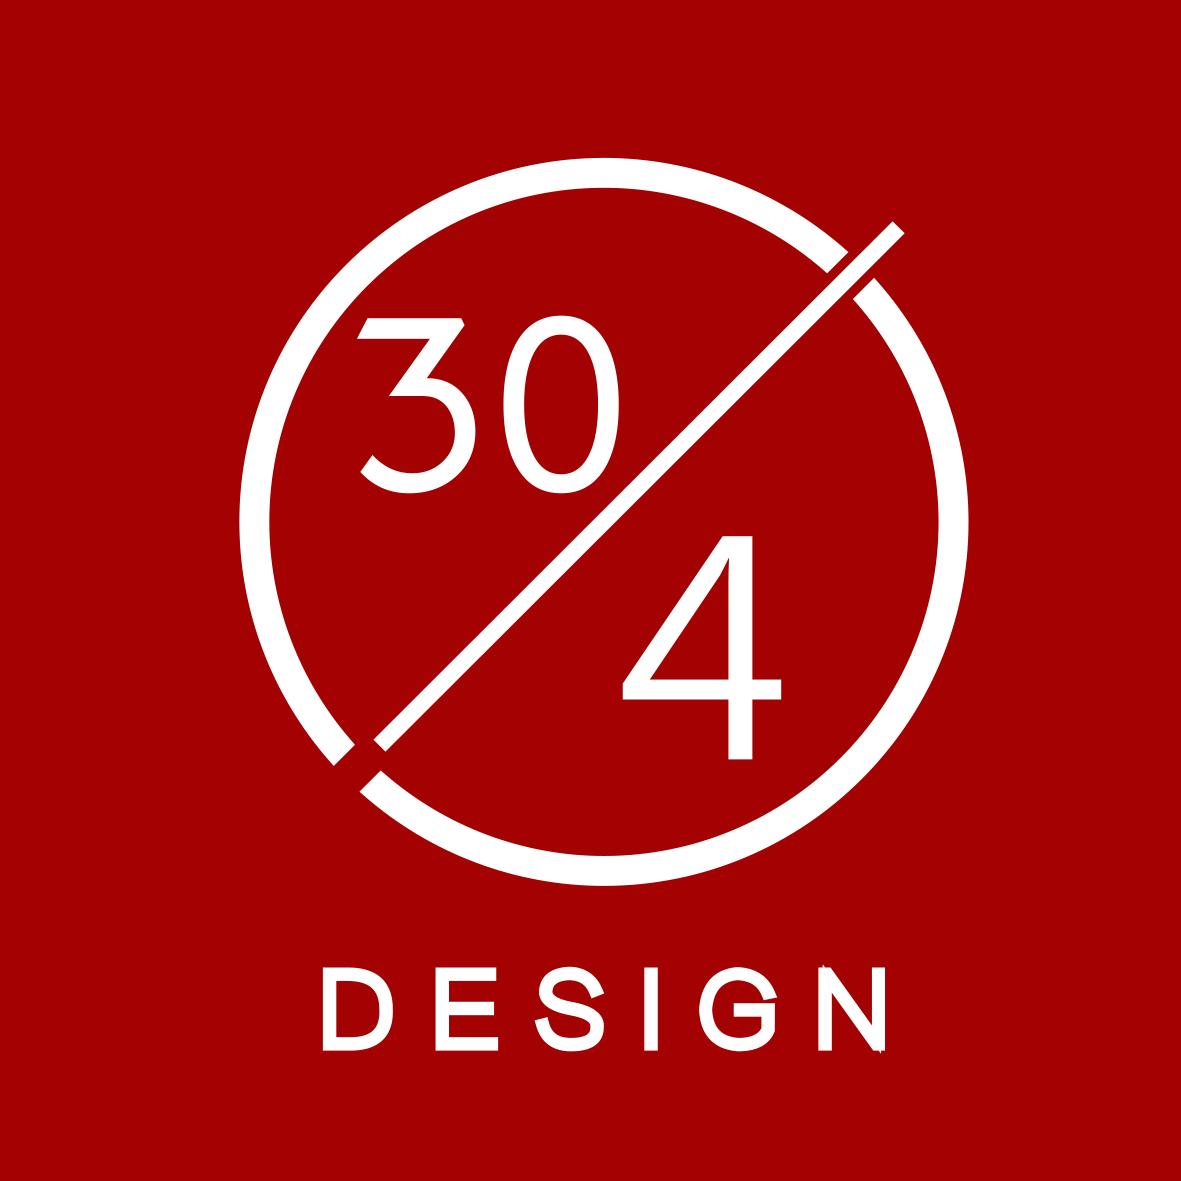 杭州四点半工业设计有限公司